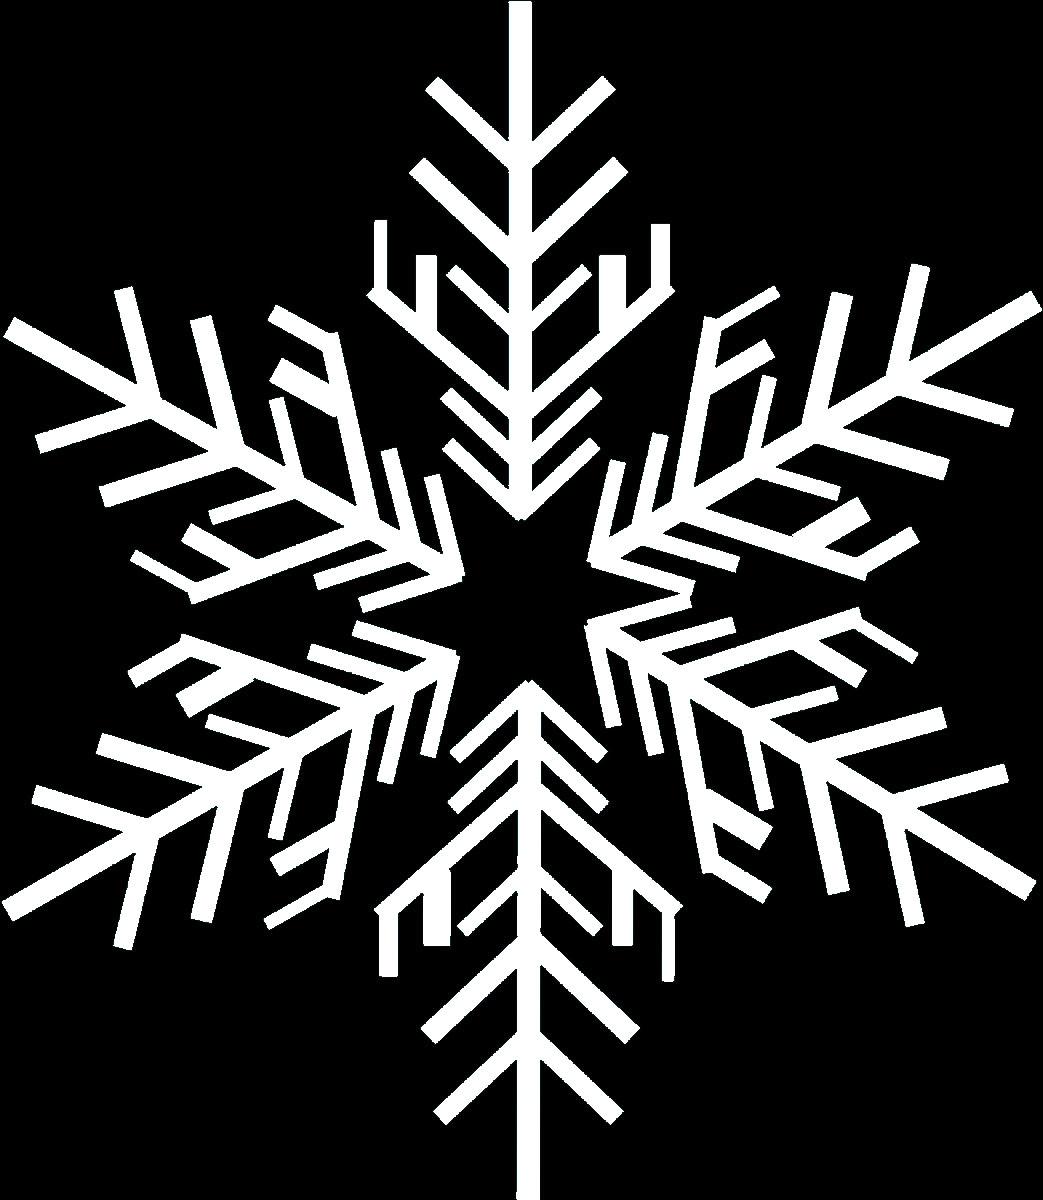 Наклейка автомобильная Оранжевый слоник Снежинка 2, виниловая, цвет: белый150NG00010WОригинальная наклейка Оранжевый слоник Снежинка 2 изготовлена из высококачественной виниловой пленки, которая выполняет не только декоративную функцию, но и защищает кузов автомобиля от небольших механических повреждений, либо скрывает уже существующие.Виниловые наклейки на автомобиль - это не только красиво, но еще и быстро! Всего за несколько минут вы можете полностью преобразить свой автомобиль, сделать его ярким, необычным, особенным и неповторимым!